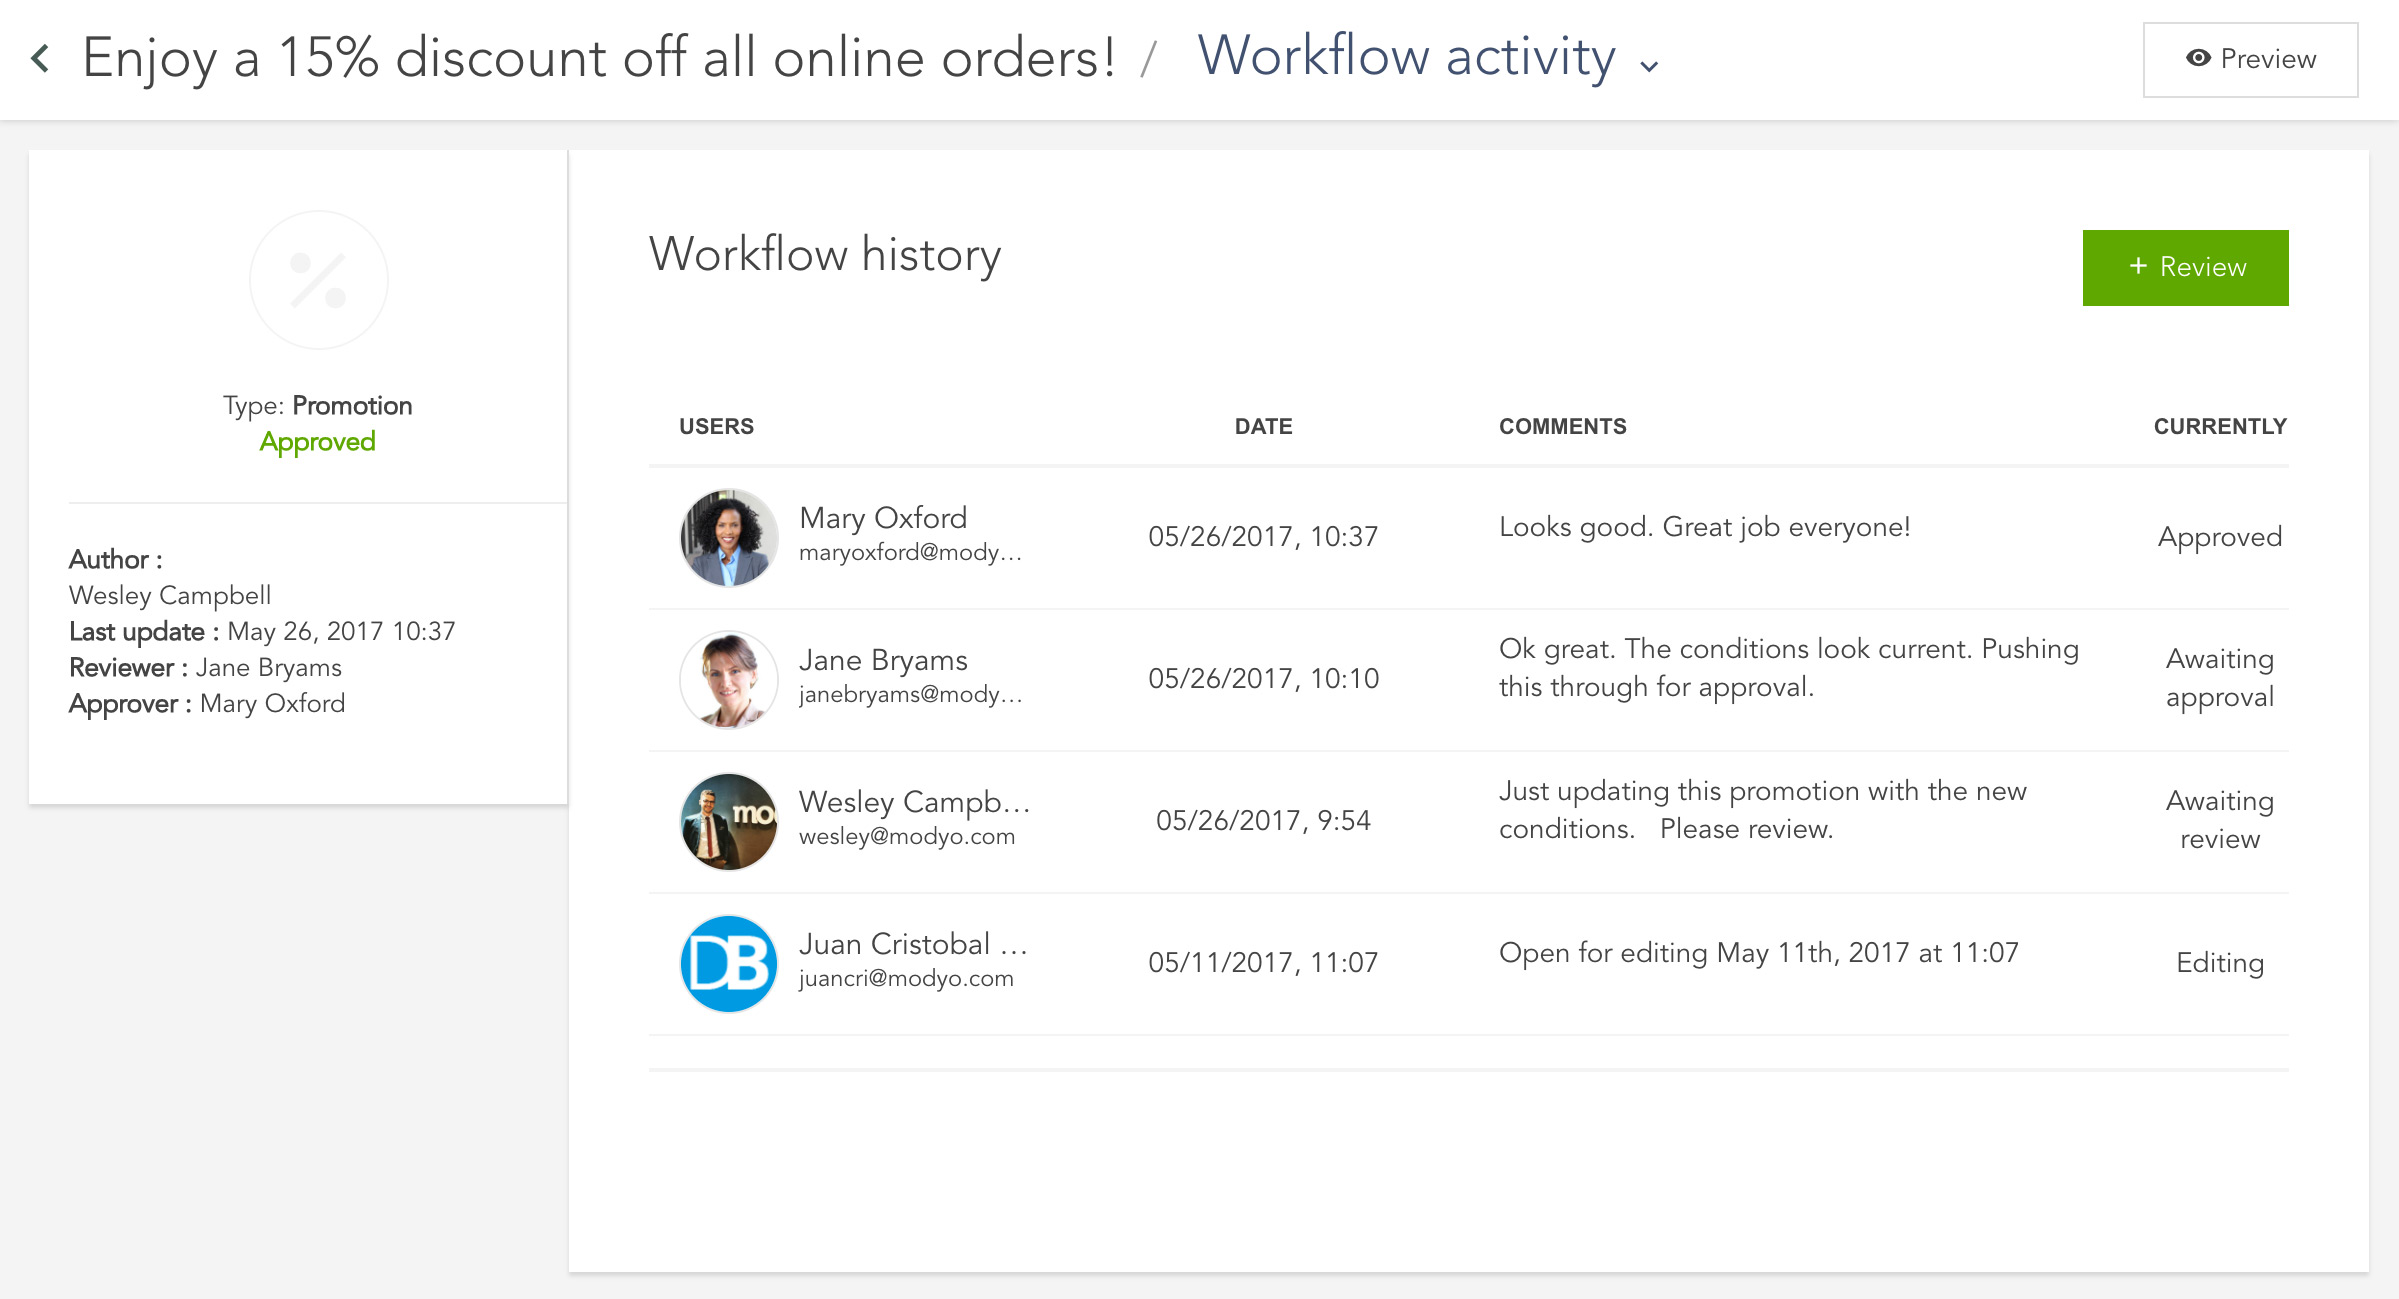 Funcionalidad de flujos de trabajo de la plataforma Modyo